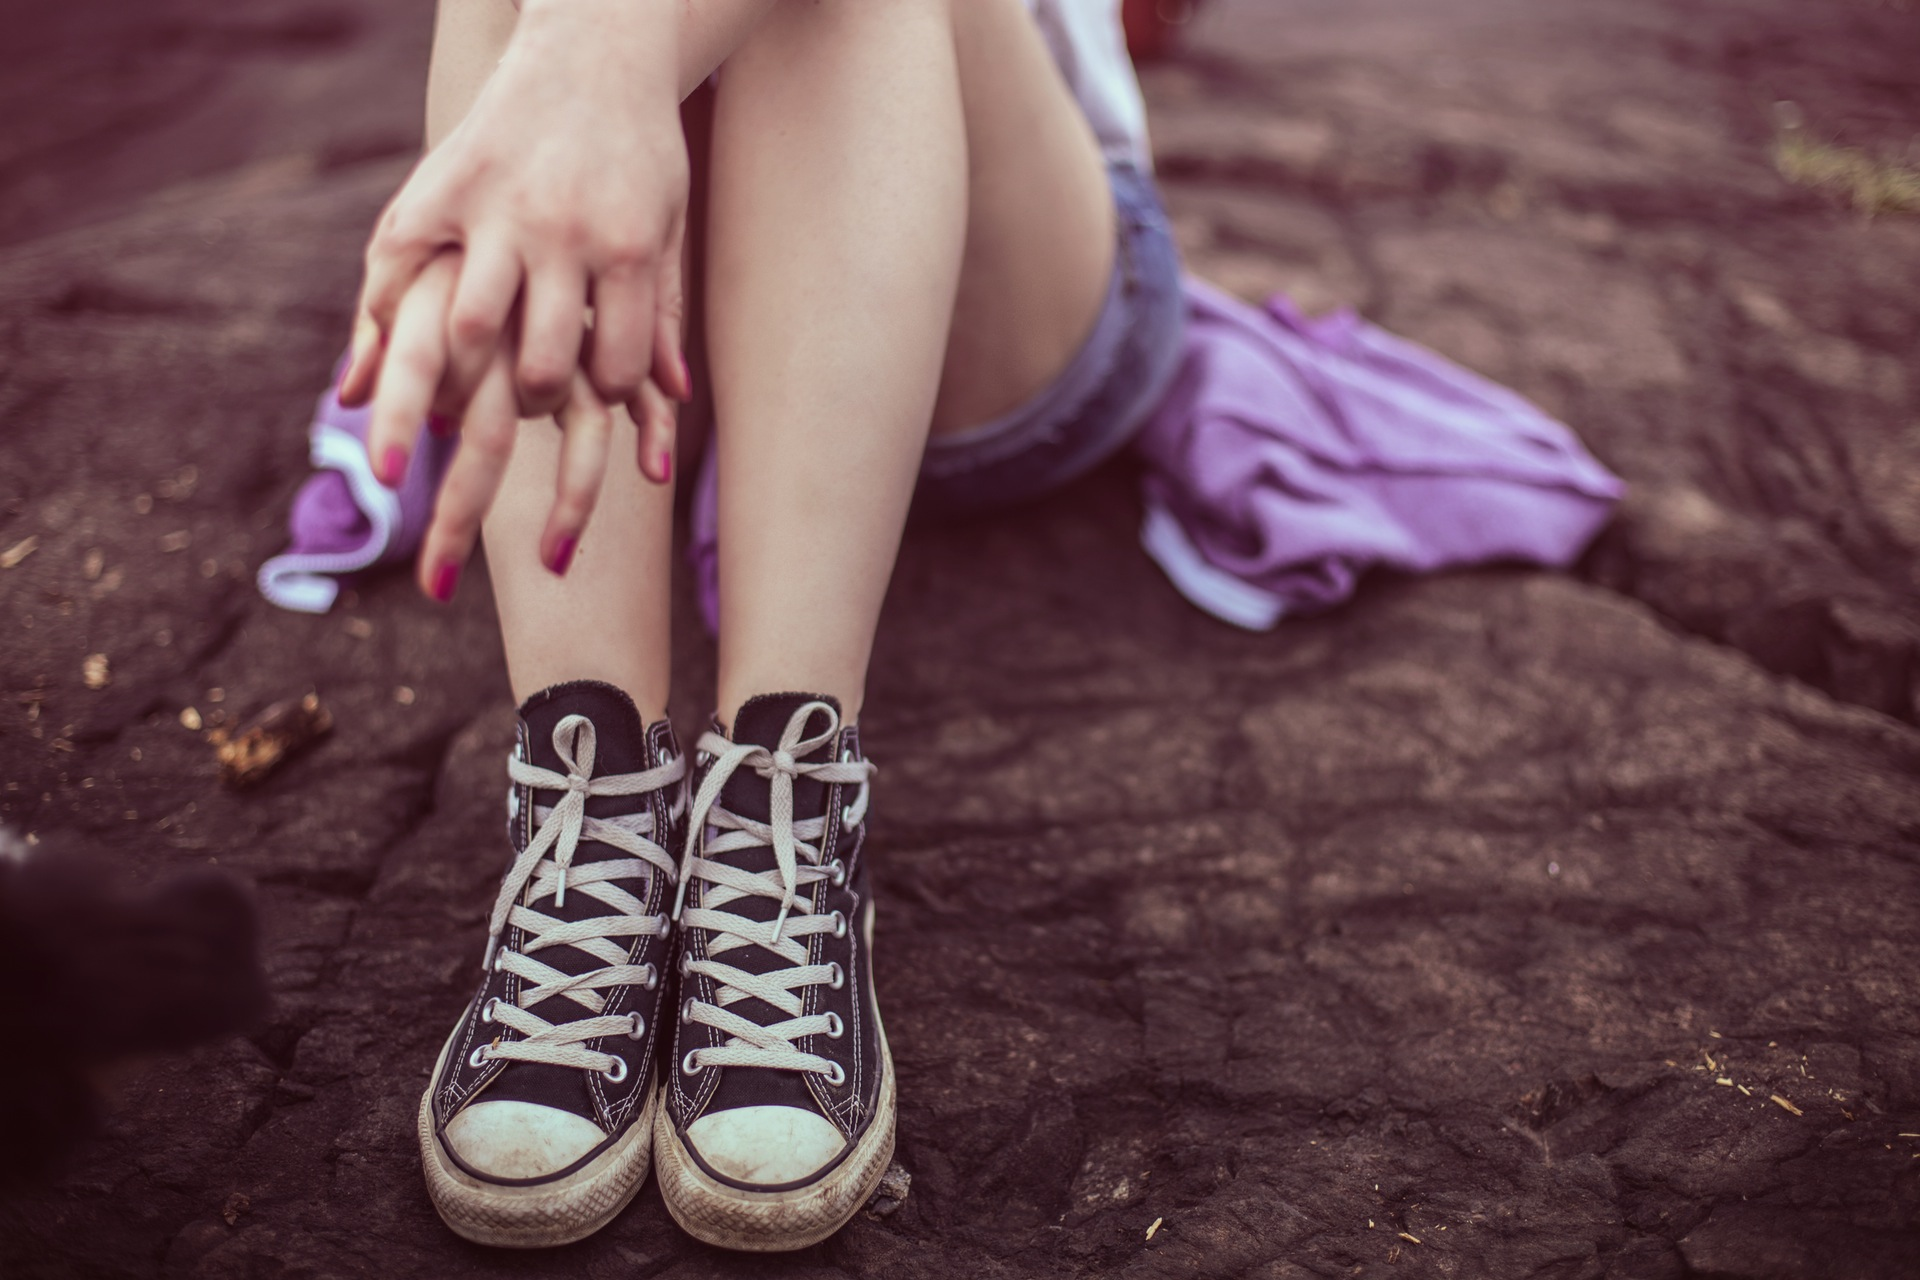 piernas, zapatos, vestido, mujer, moda, converse - Fondos de Pantalla HD - professor-falken.com